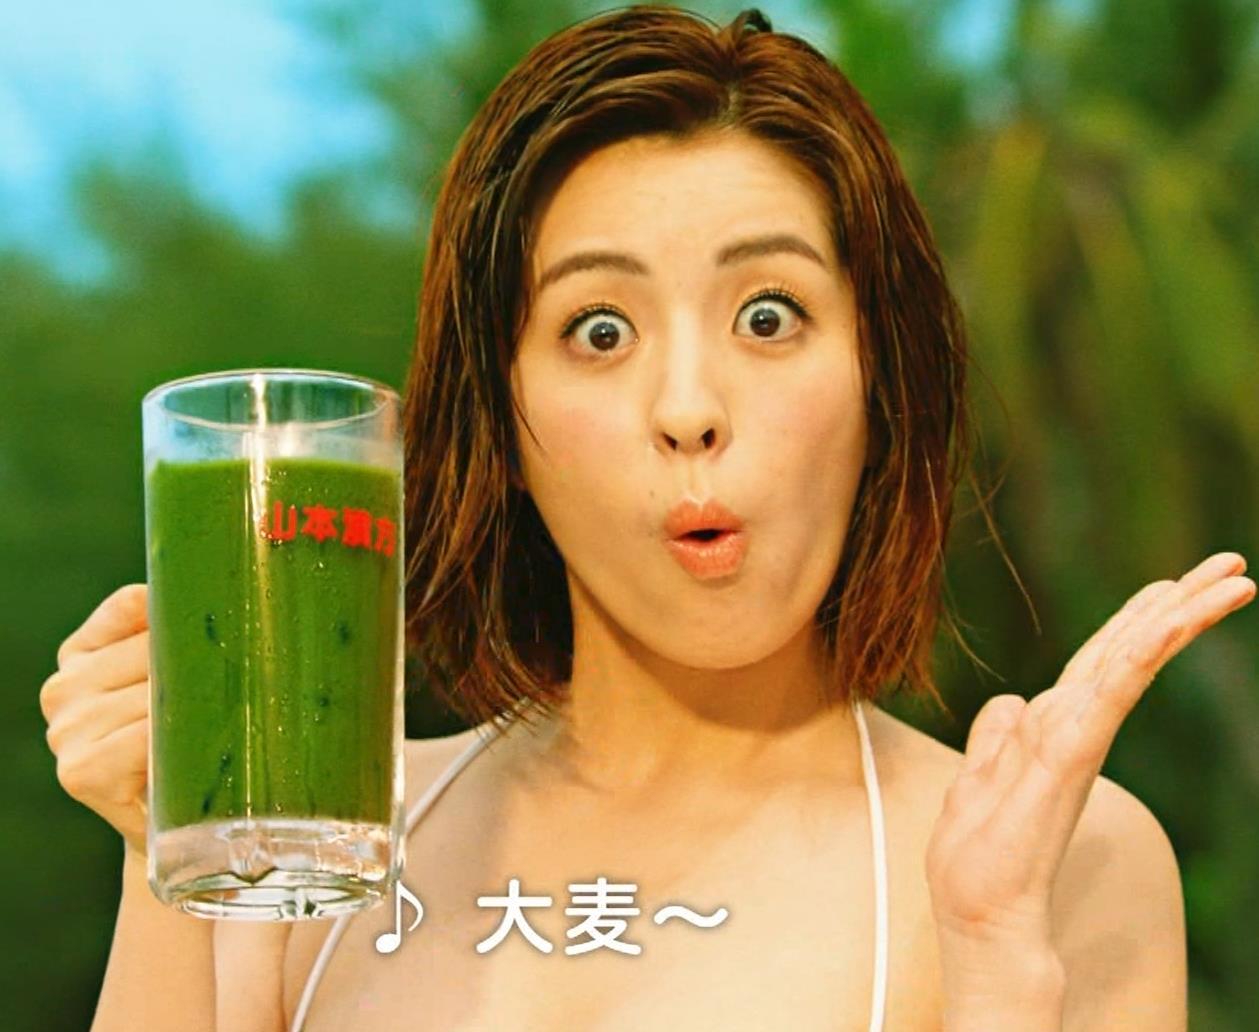 柳ゆり菜 ビキニの健康食品CMがぶっ飛んでてエロ過ぎキャプ・エロ画像5